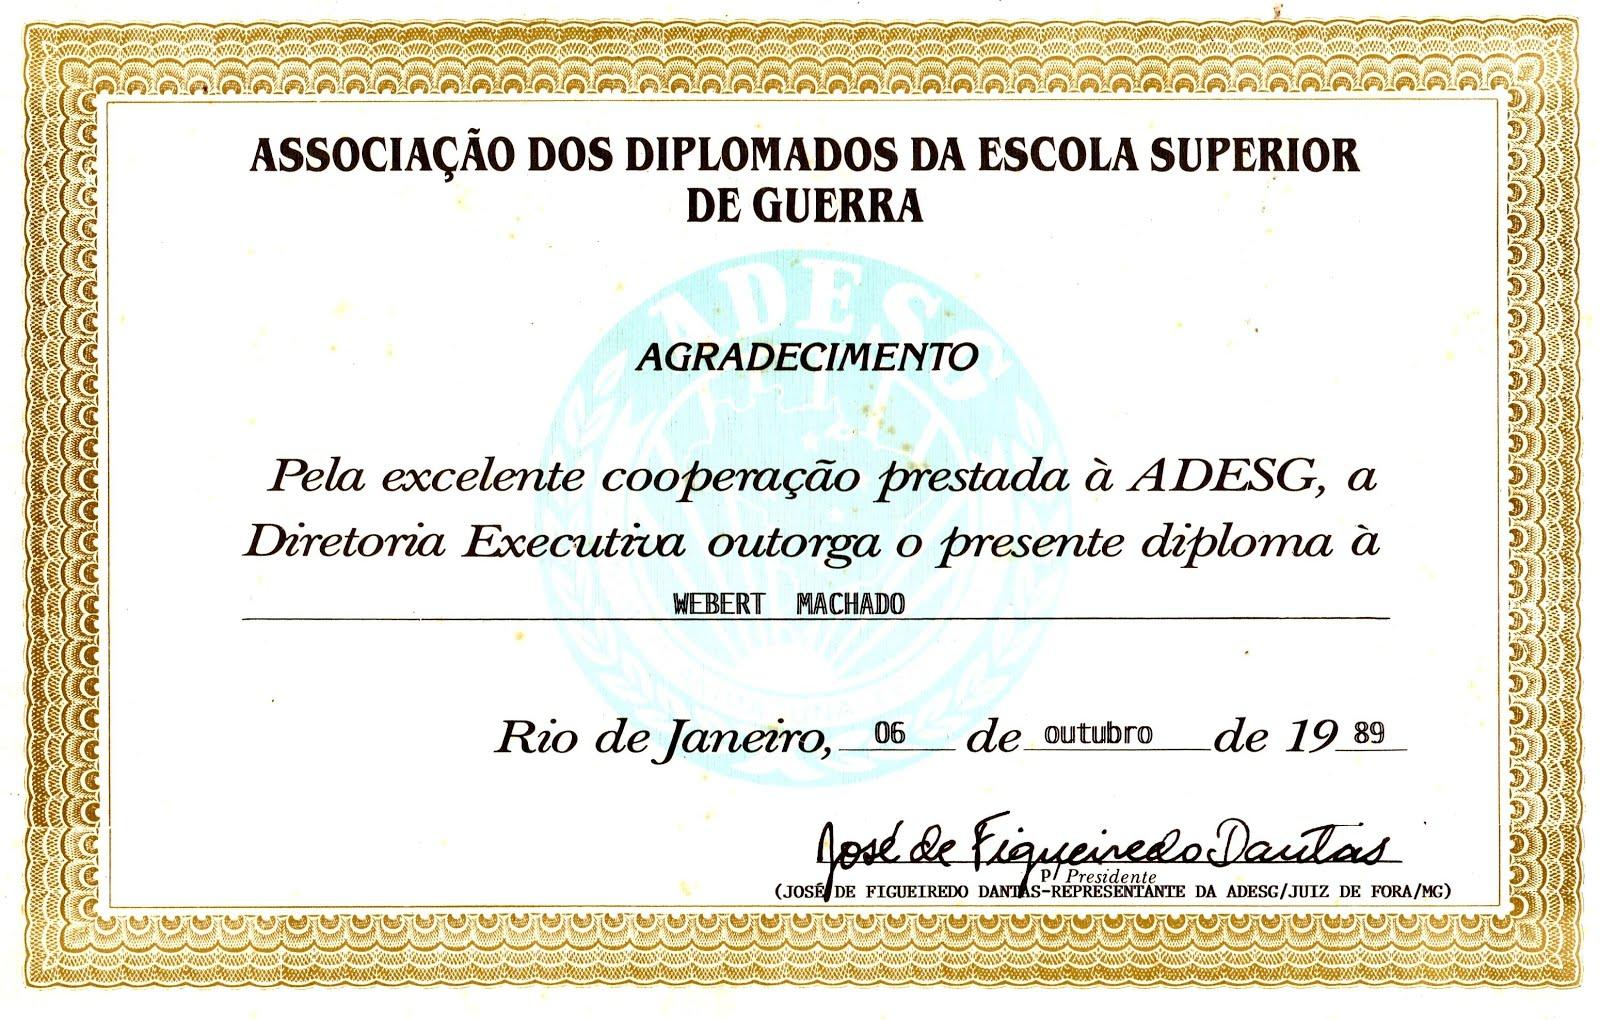 ADESG JF - Associação dos Diplomados da Escola Superior de Guerra